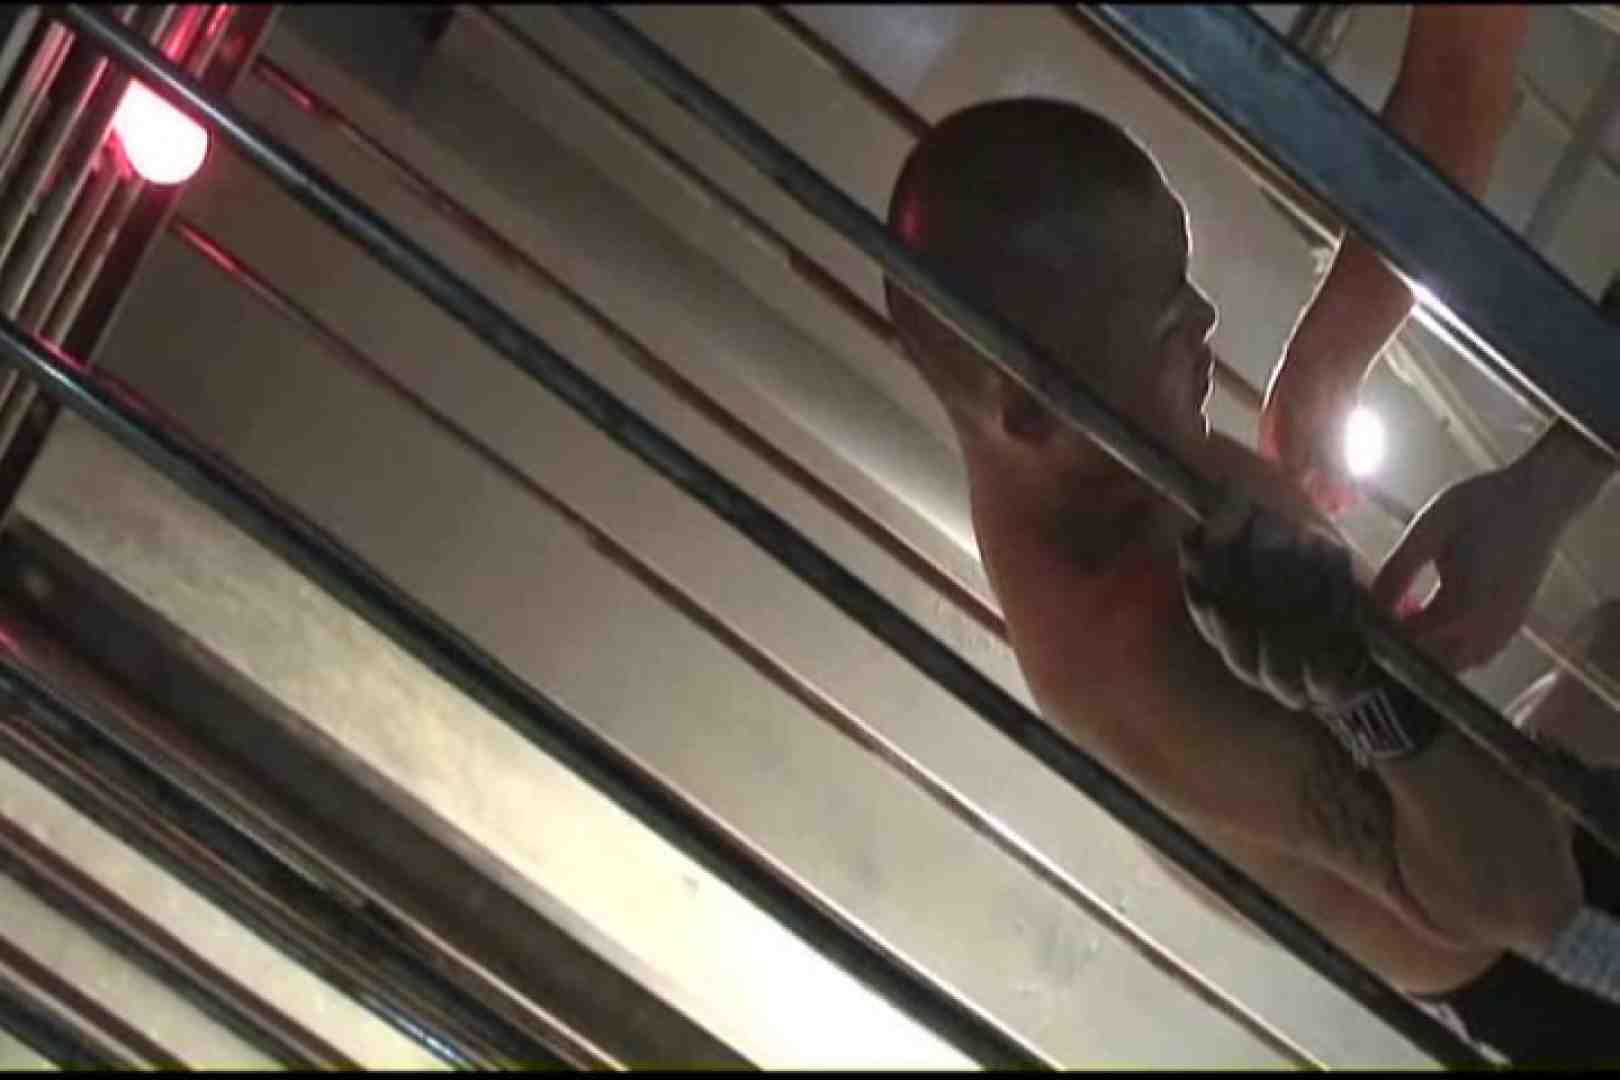 亀田興毅似なボクサーが乳首を弄られ感じる姿。 悶絶   完全無修正でお届け  106pic 6